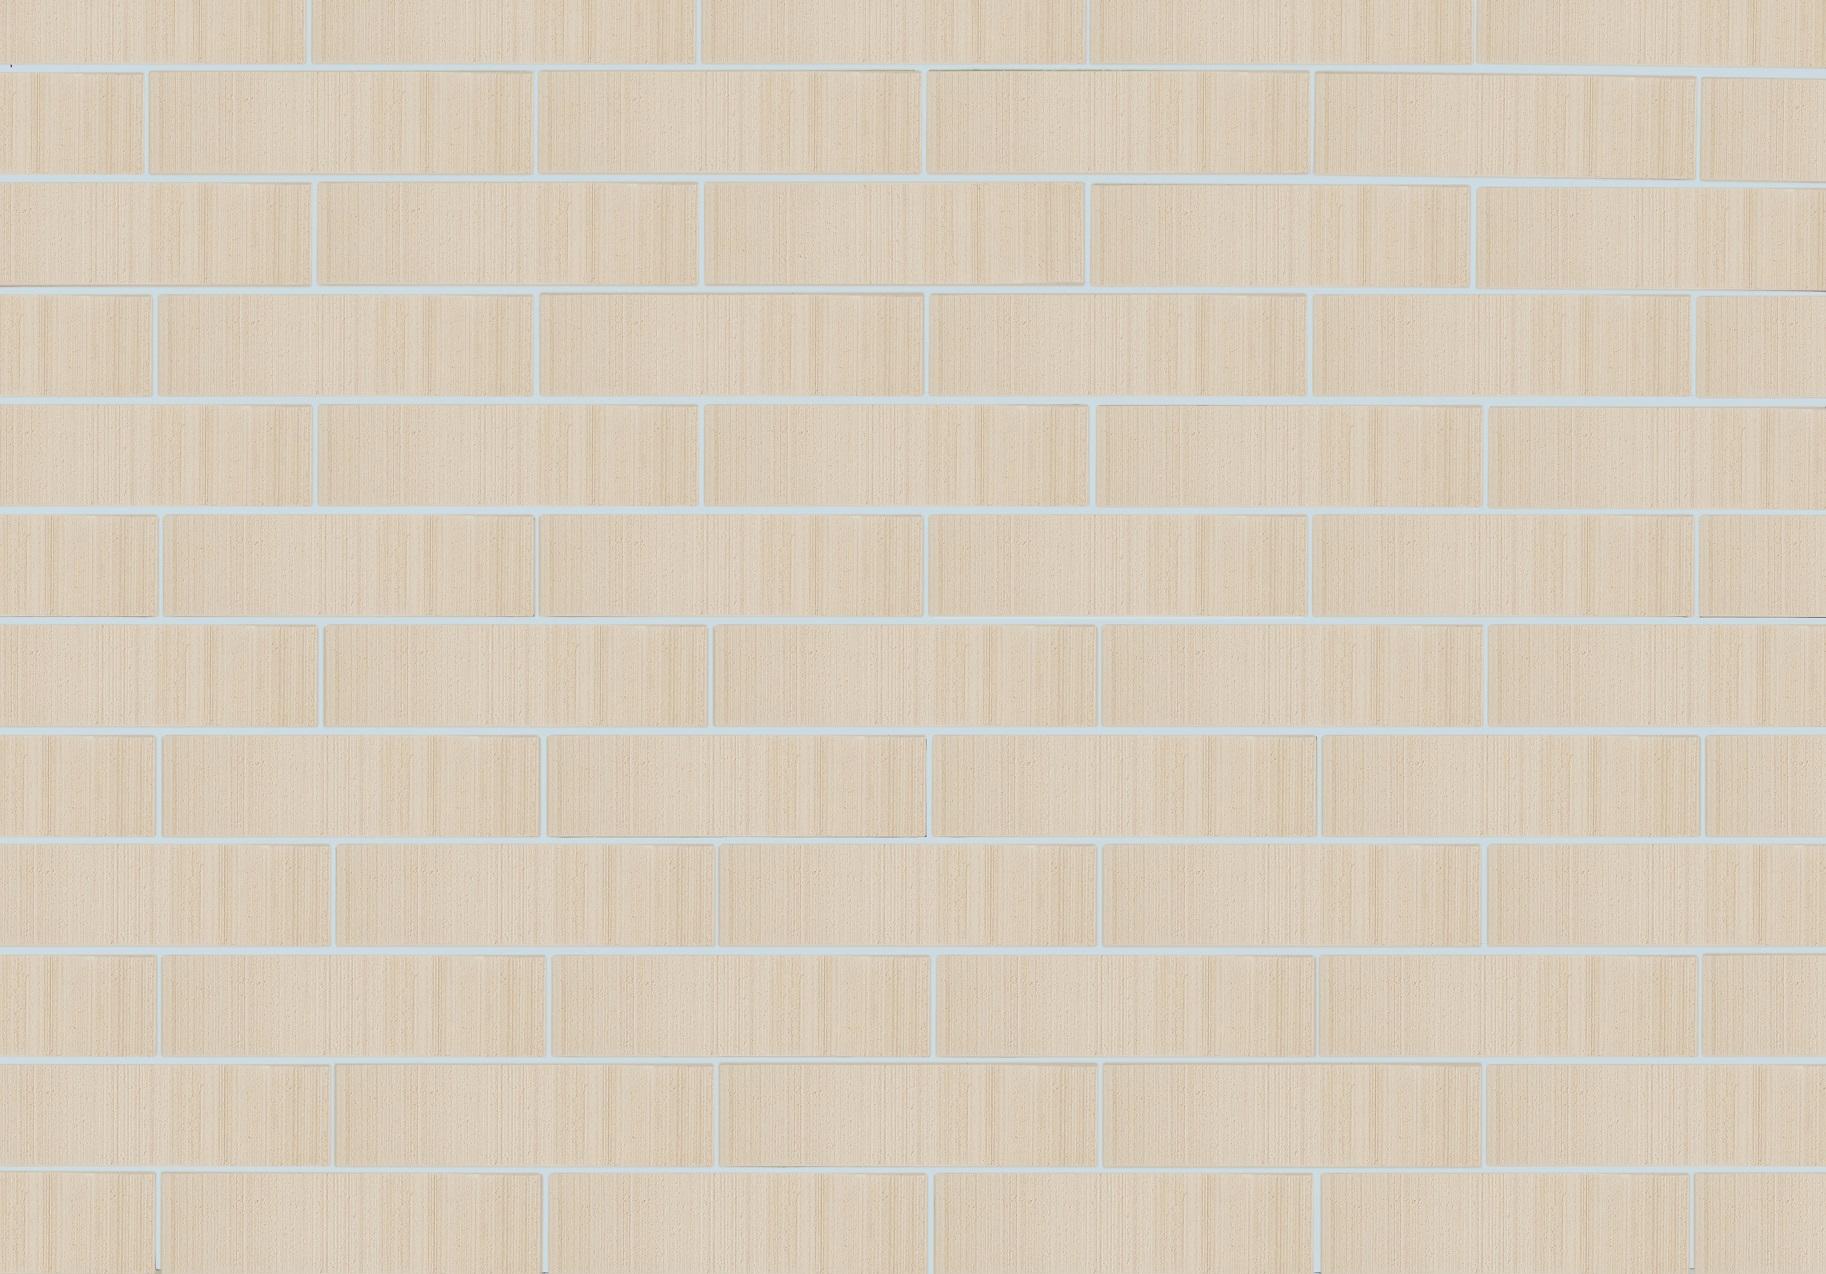 Кирпич КЕРМА Пшеничное лето (бархат) 250*120*88 1.4НФ - фото